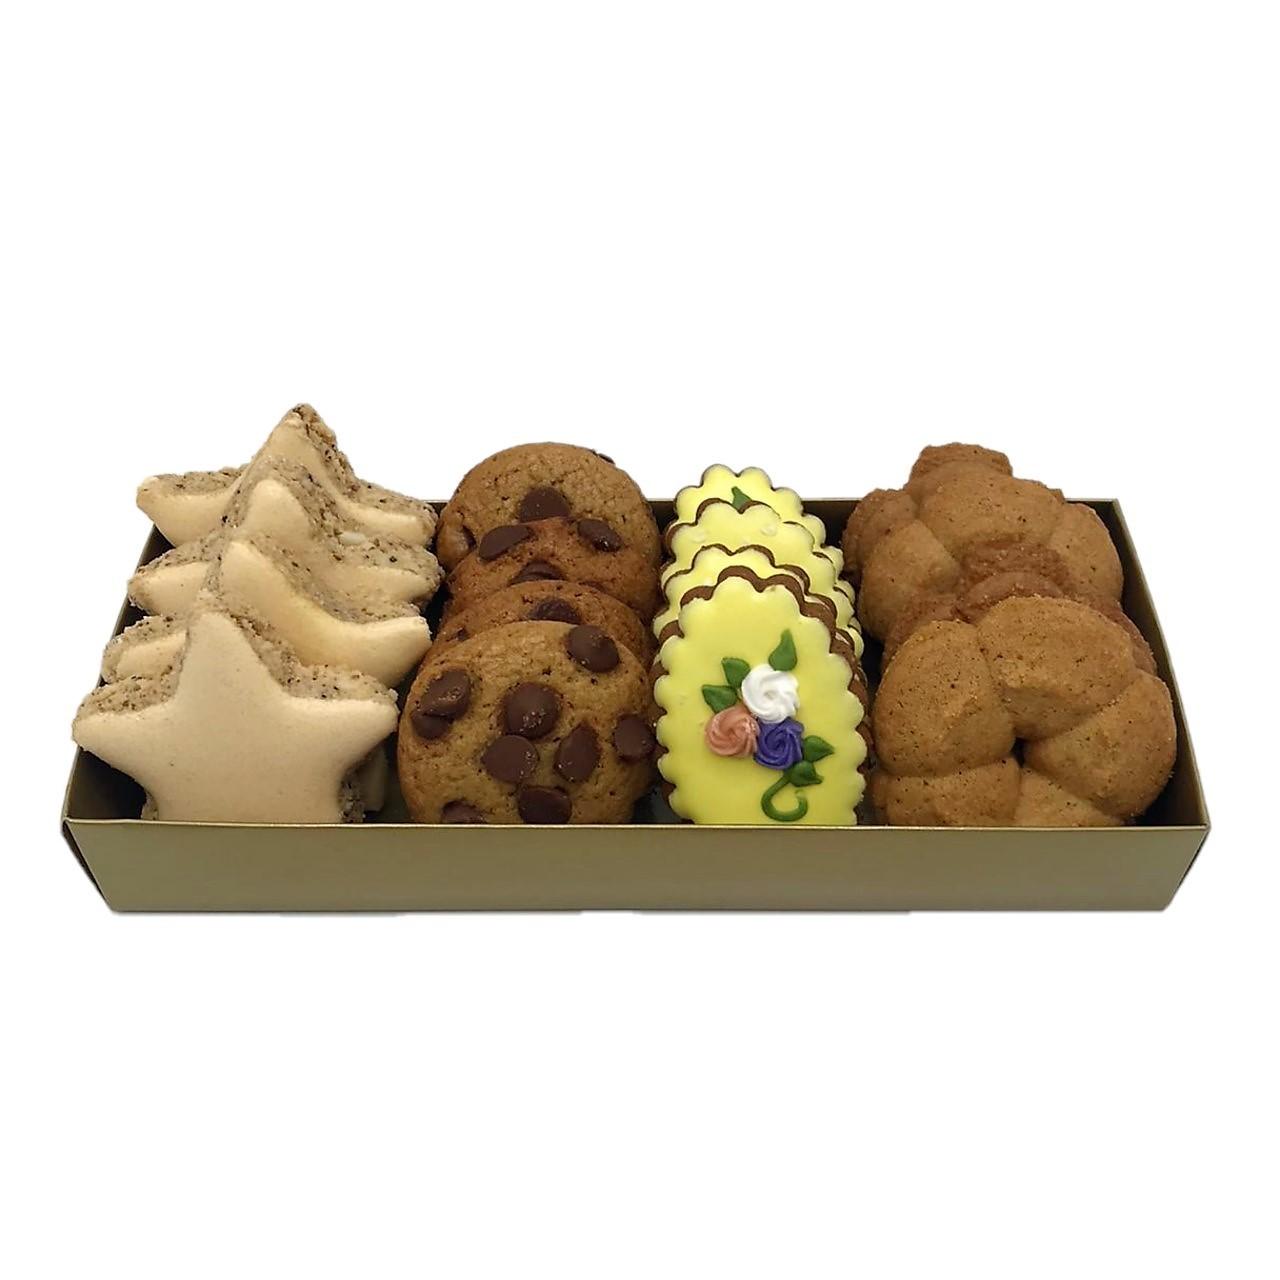 Bandeja com Biscoitos Doces Mistos Pequena